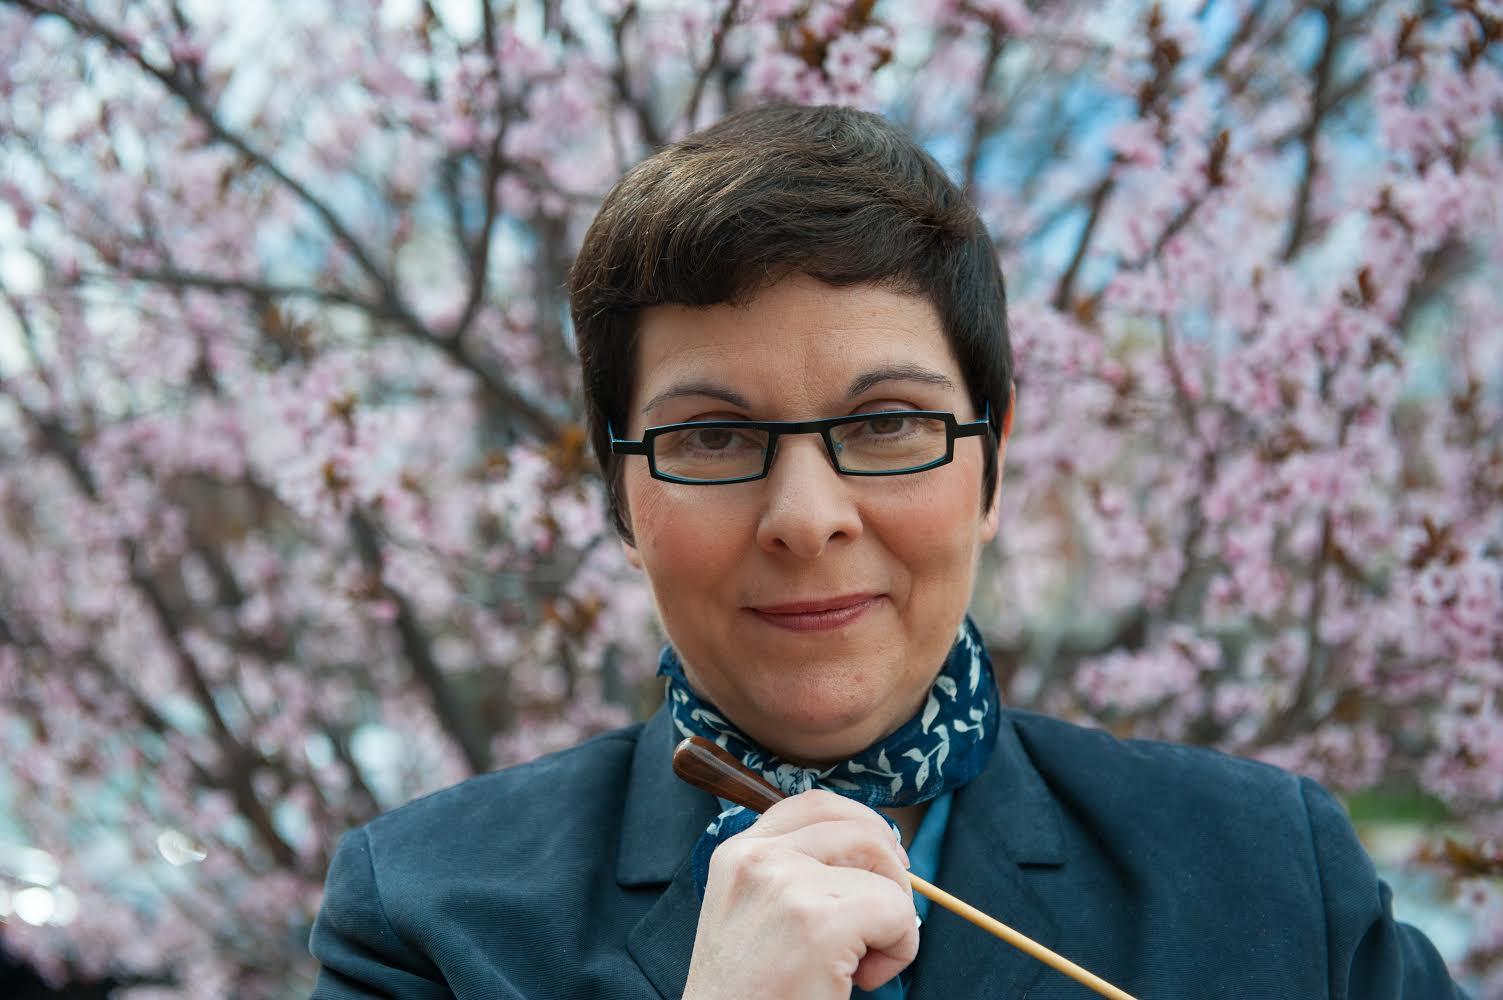 Photography by Glenn Ross. http://on.fb.me/16KNsgK